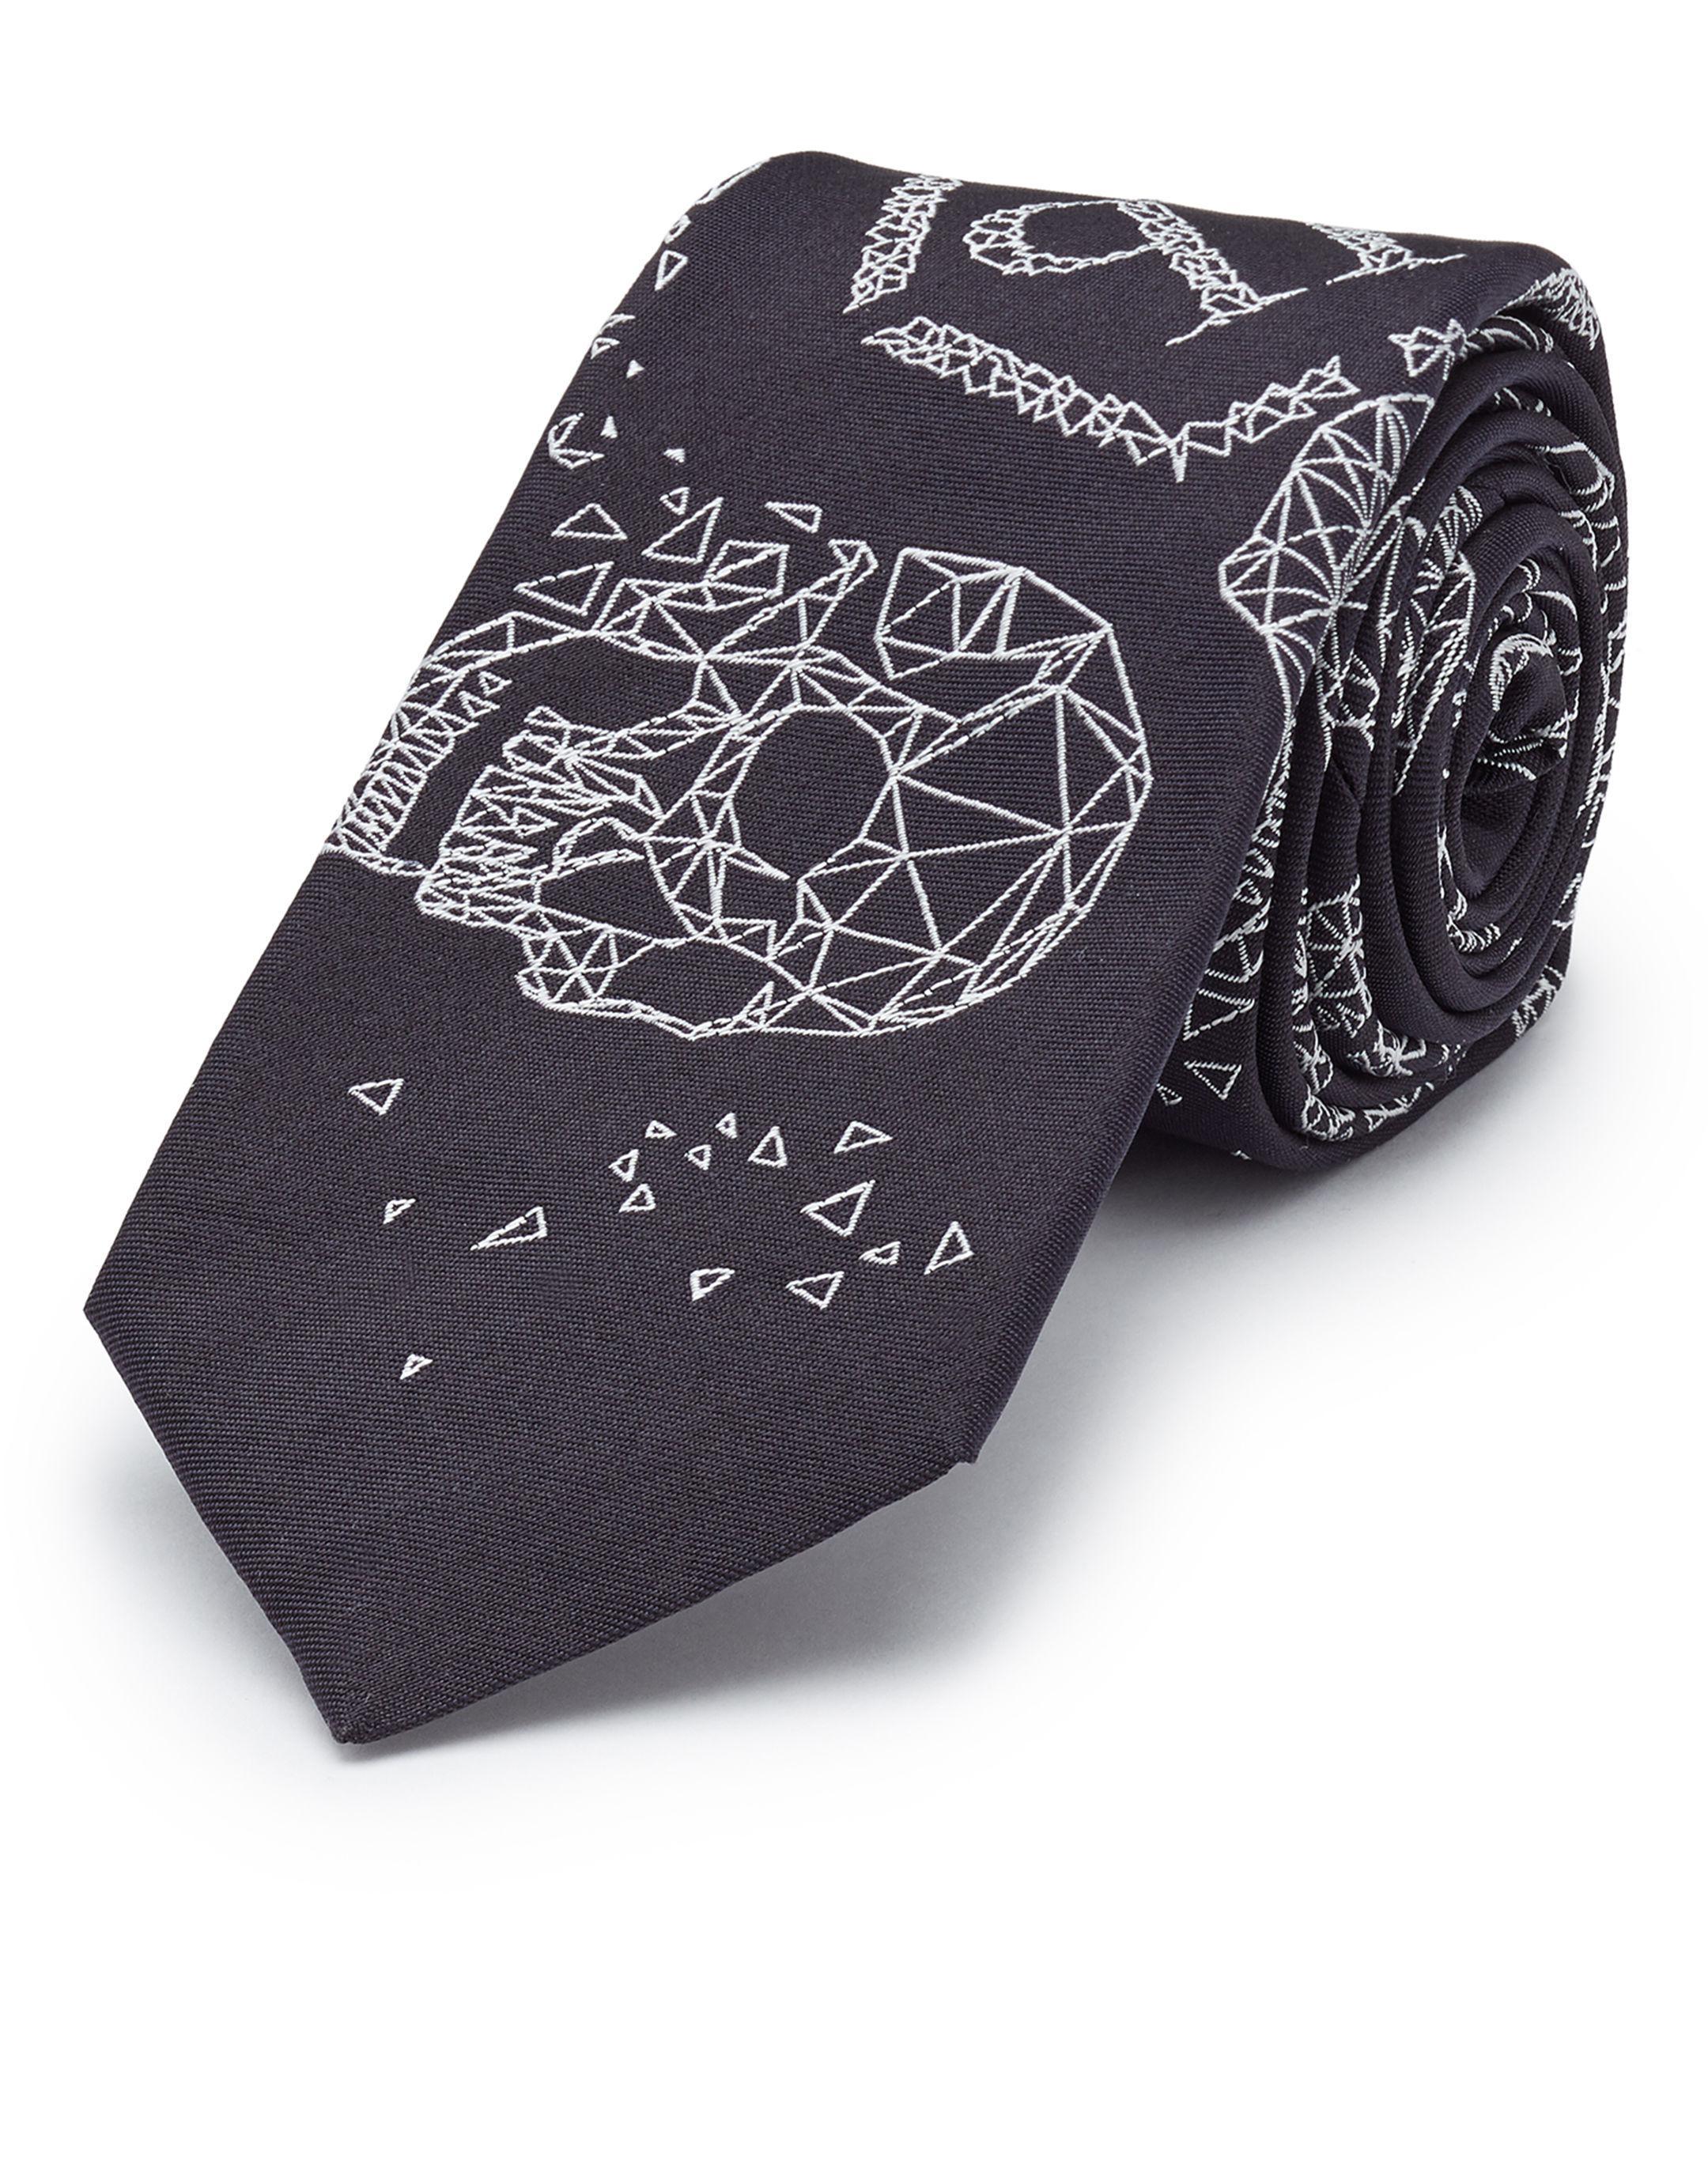 Accessoires - Cravates Philipp Plein tfaLU7